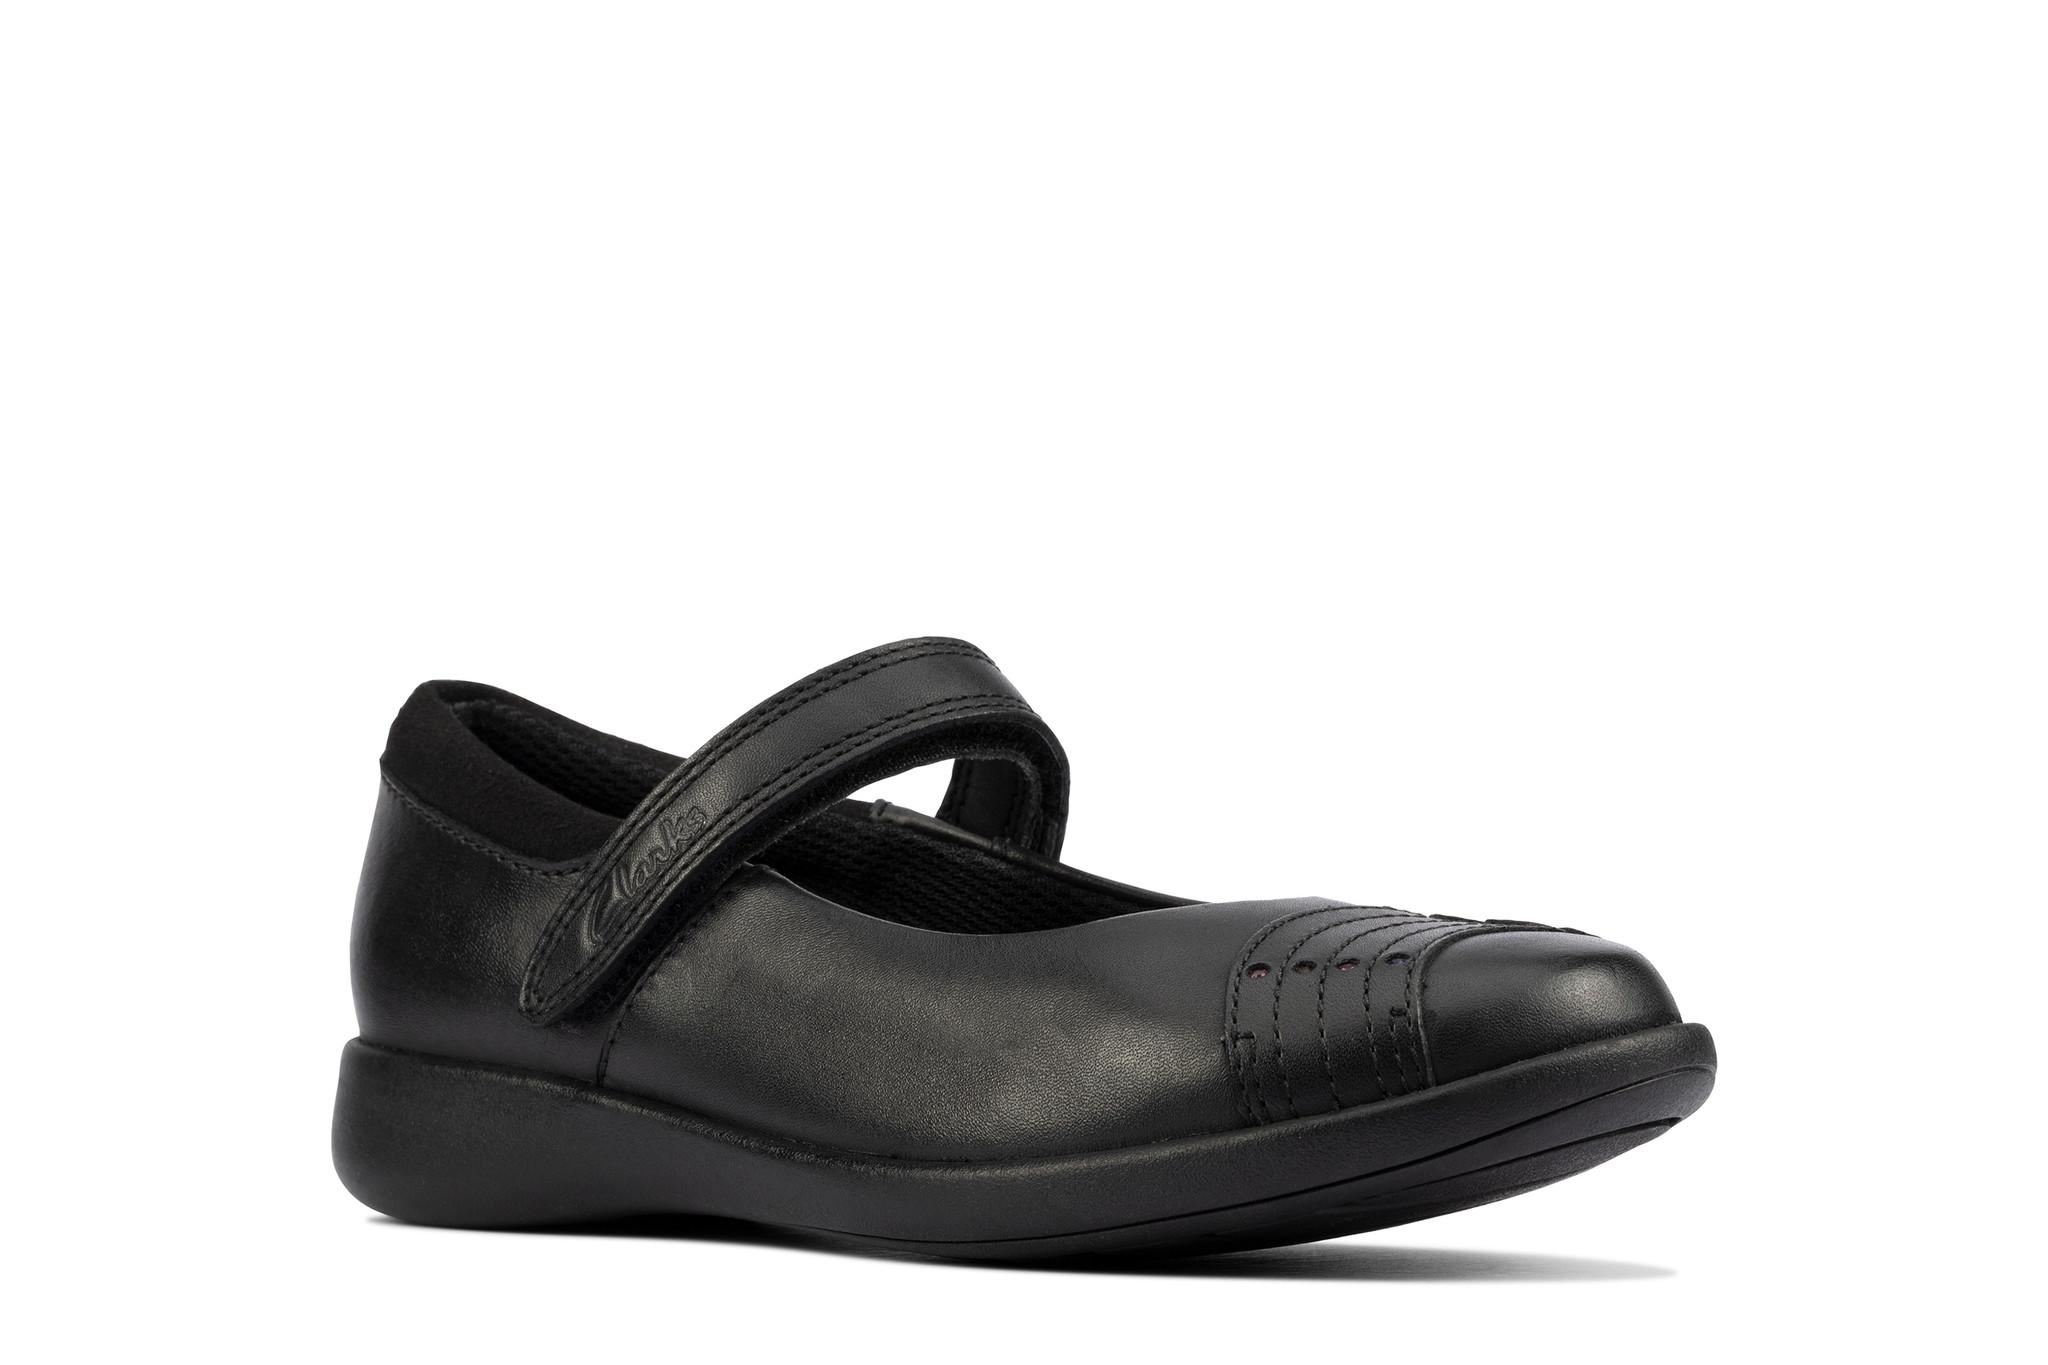 Clarks Etch Beam Leather Junior